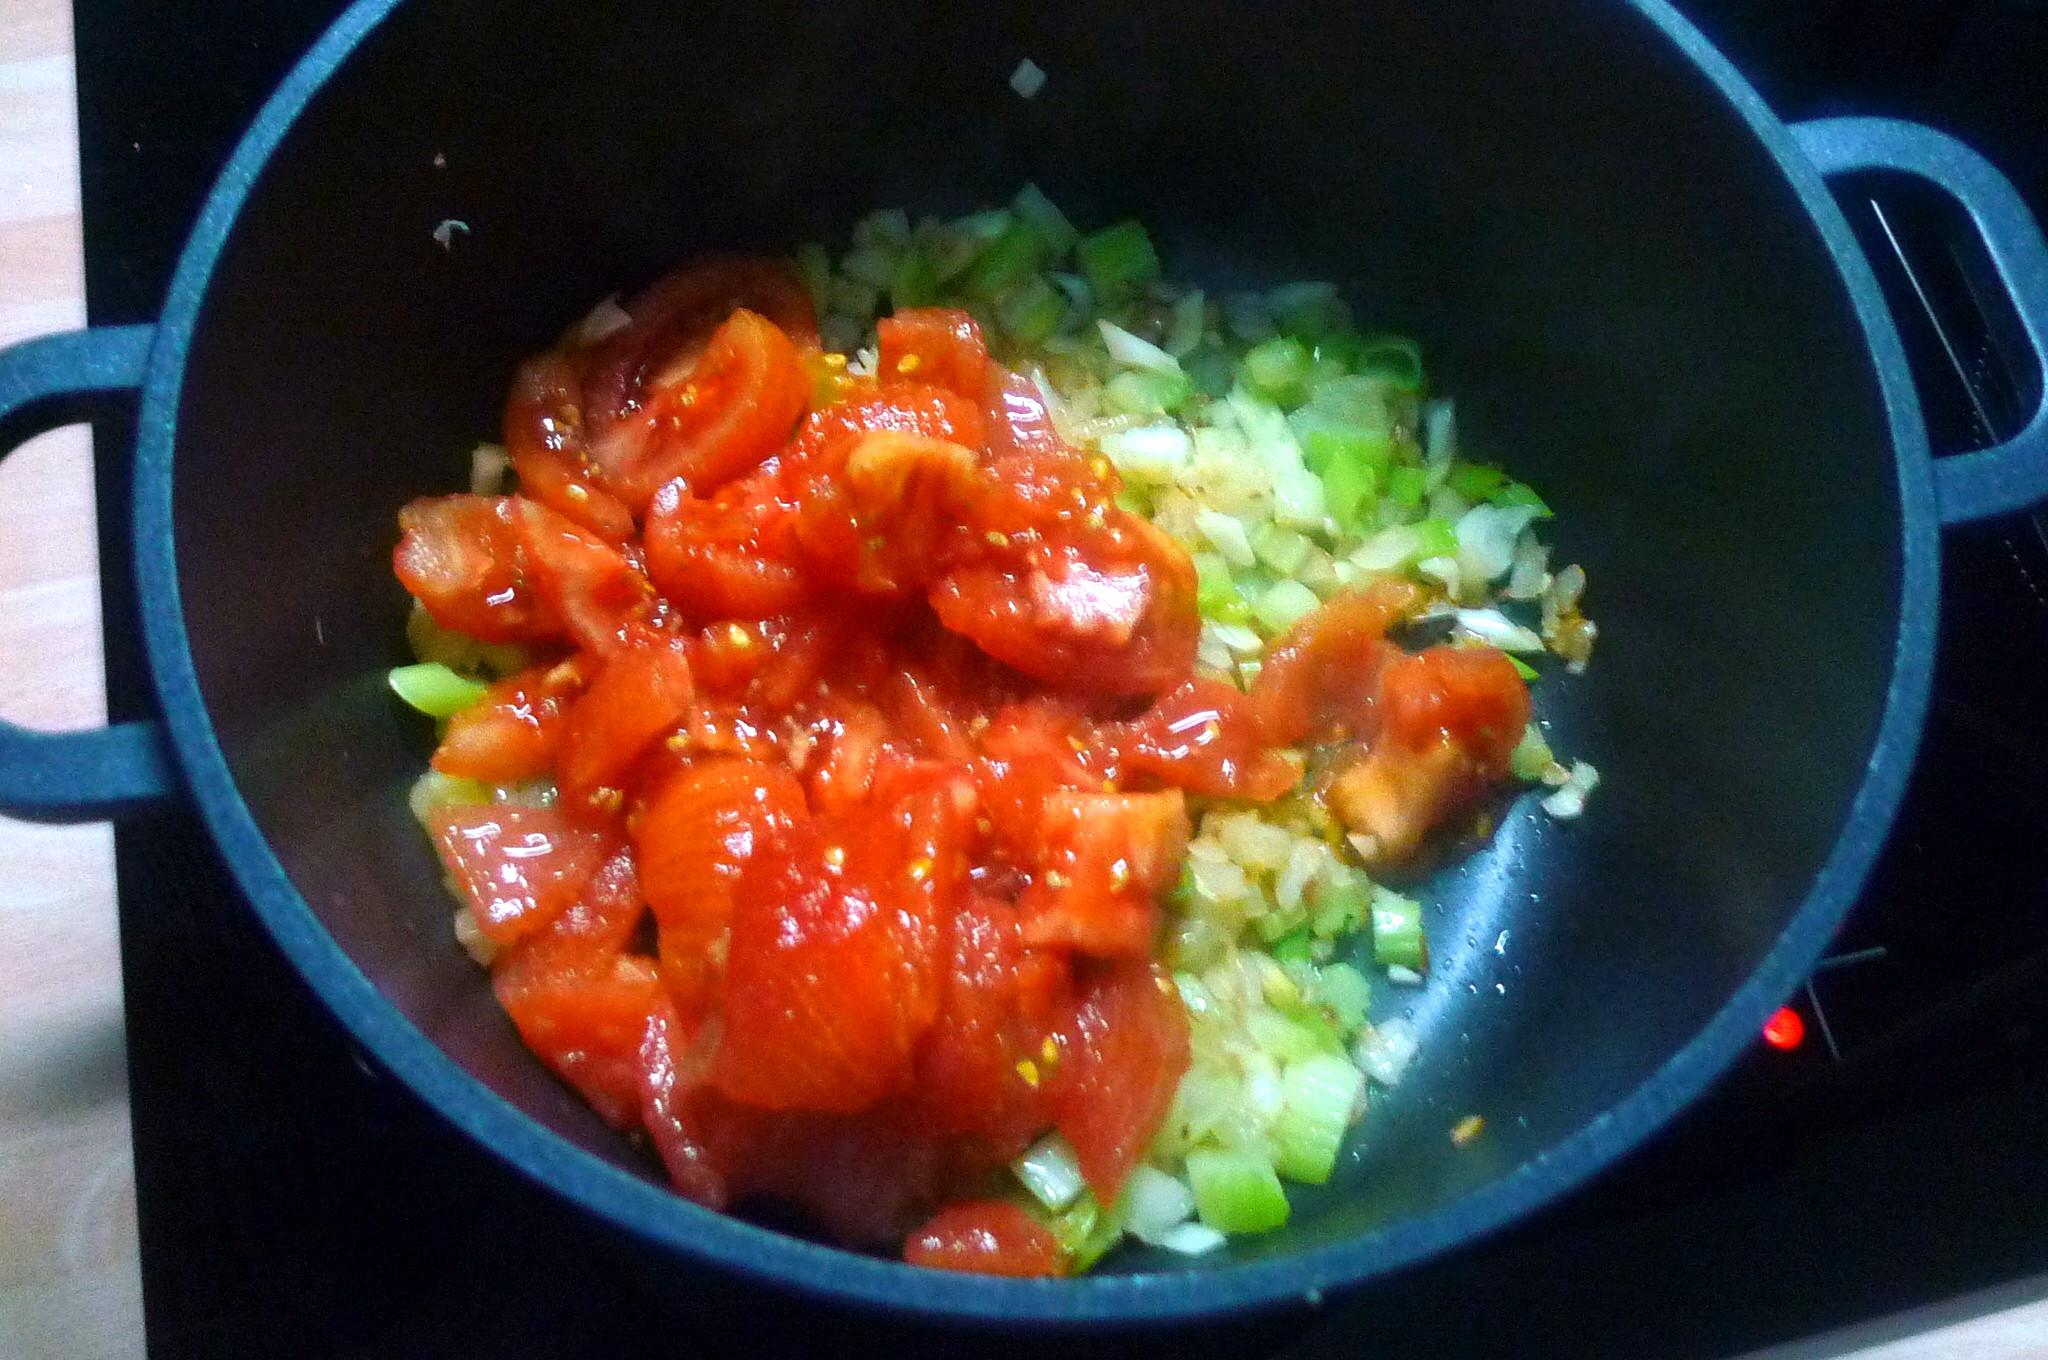 Zucchinispagetthi,Tomatensauce,veganvegetarisch -15.8.15 (6)